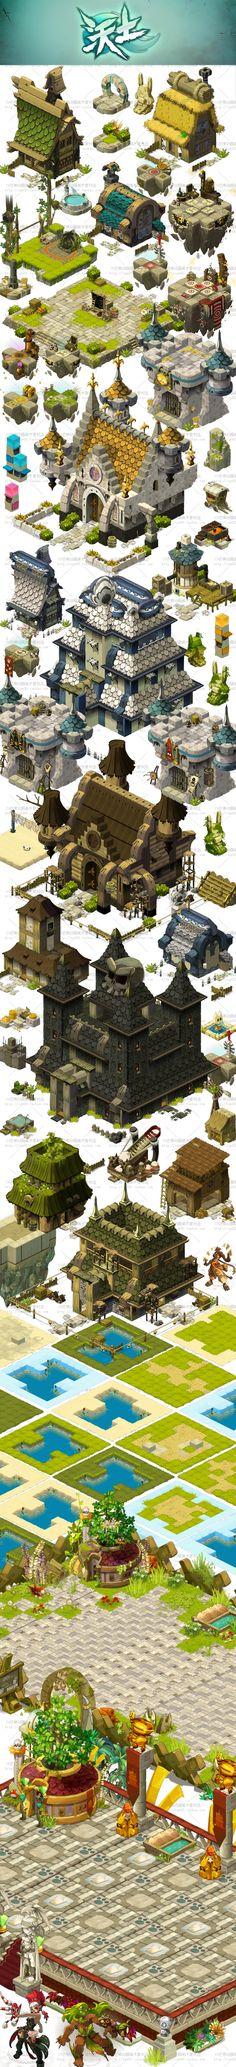 【游戏美术资源】DOFUS & 沃土Q版卡通全套元素/场景原画/UI素材